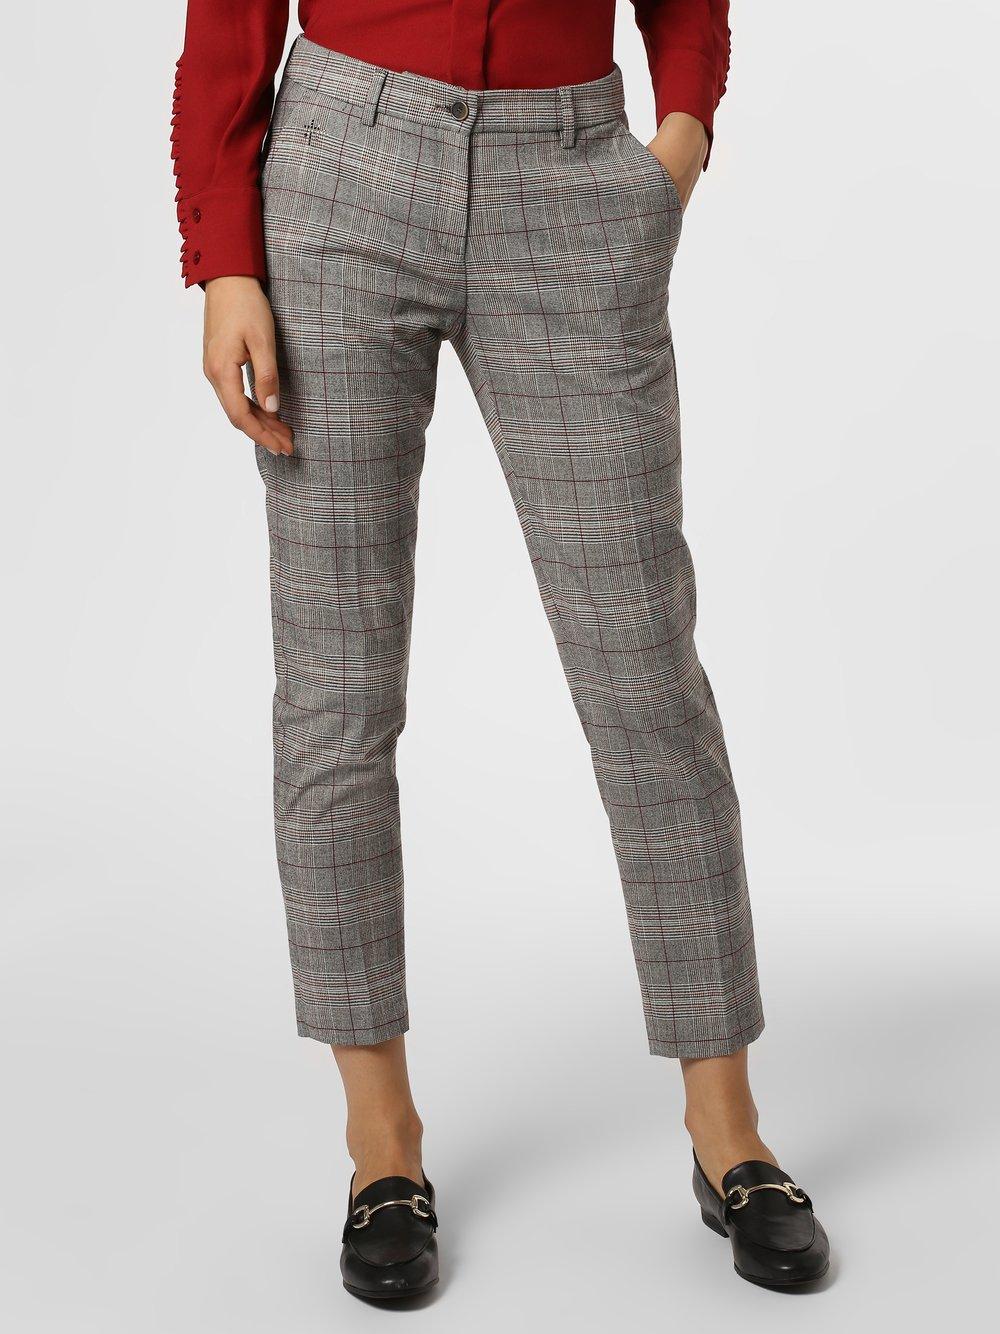 BRAX - Spodnie damskie – Maron, brązowy